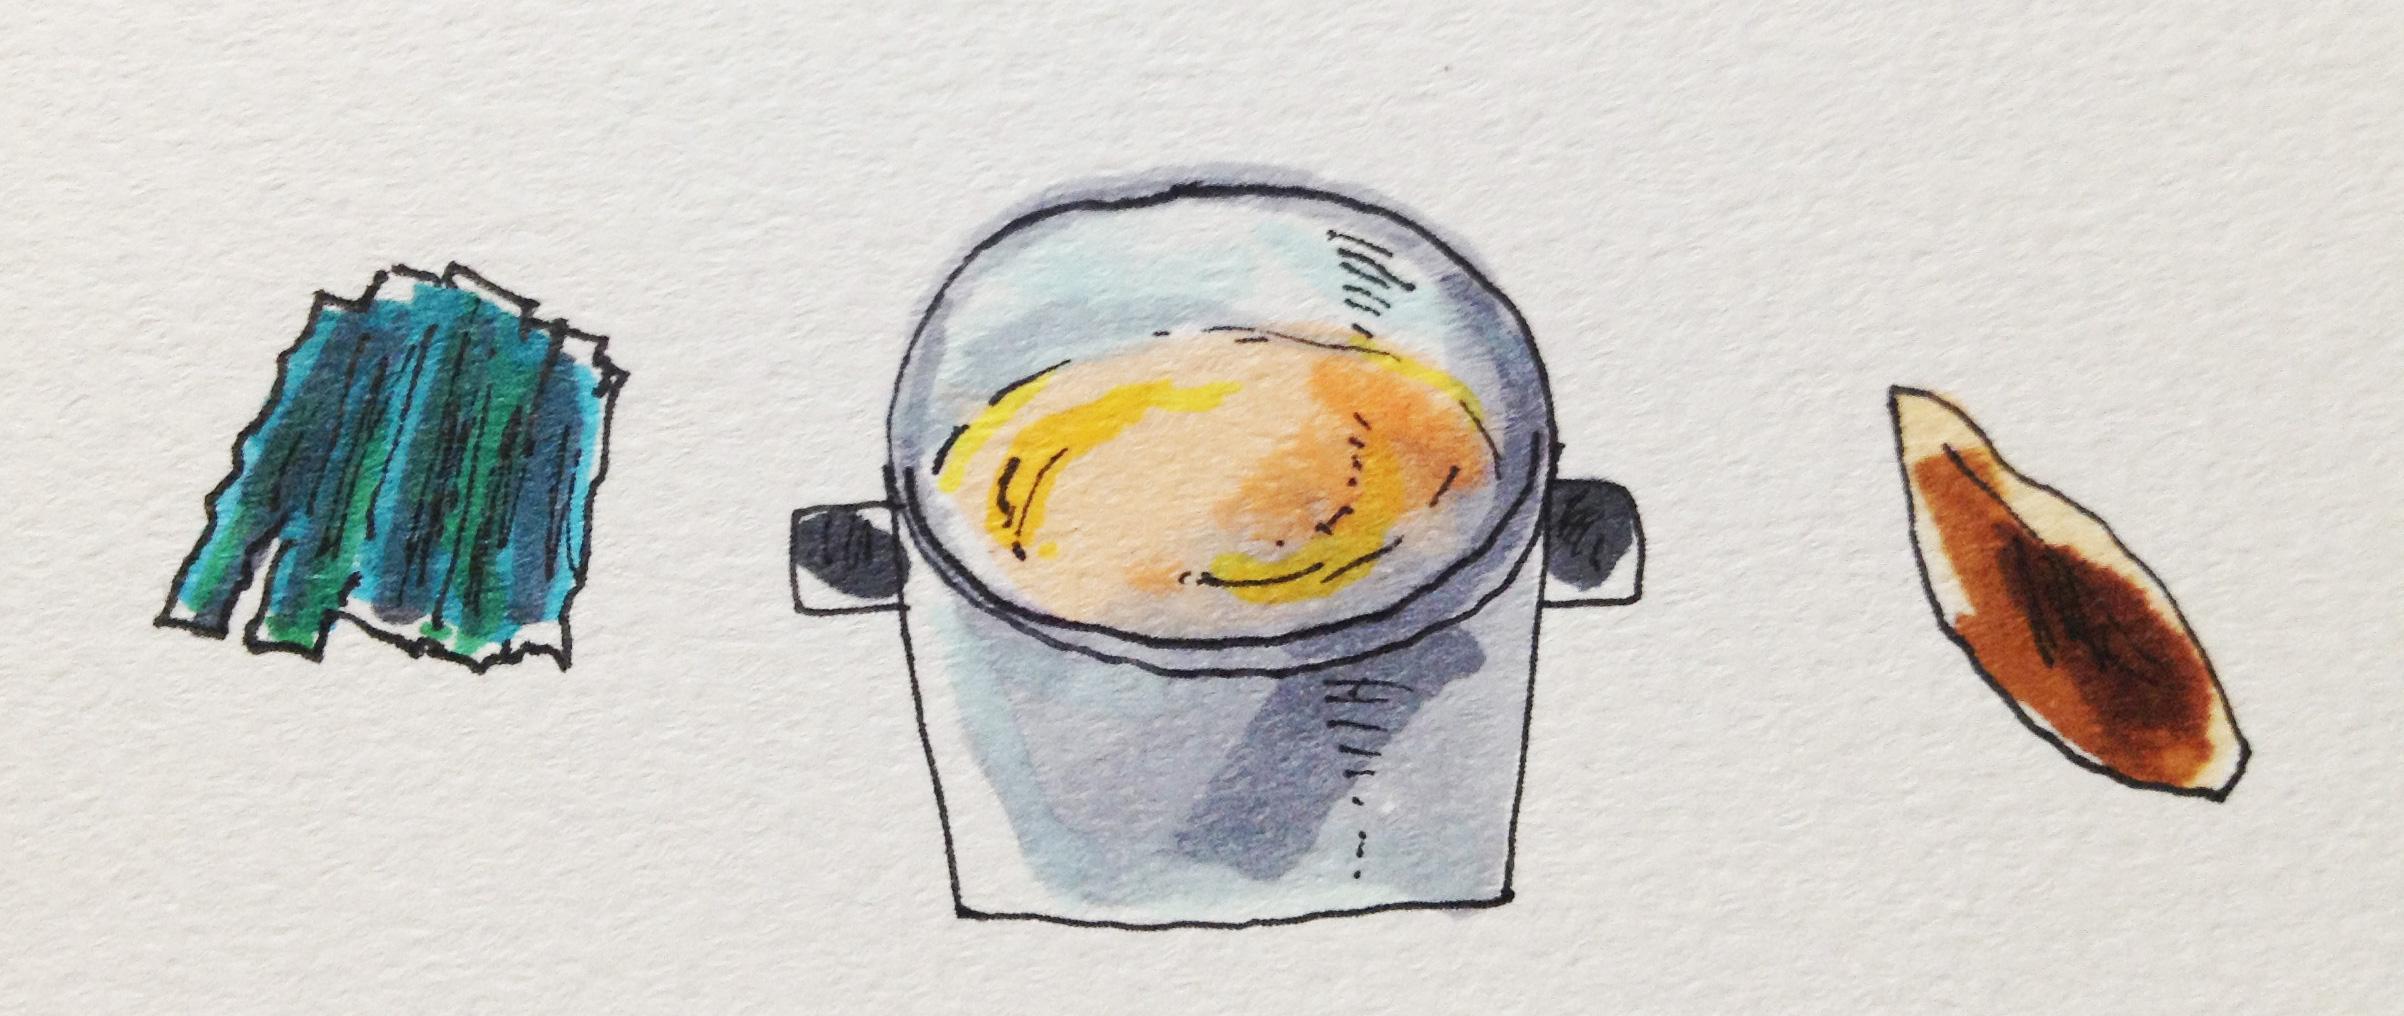 料理に必要な鍋と、カツオと昆布のだしのイメージをコピックに描いたイラスト